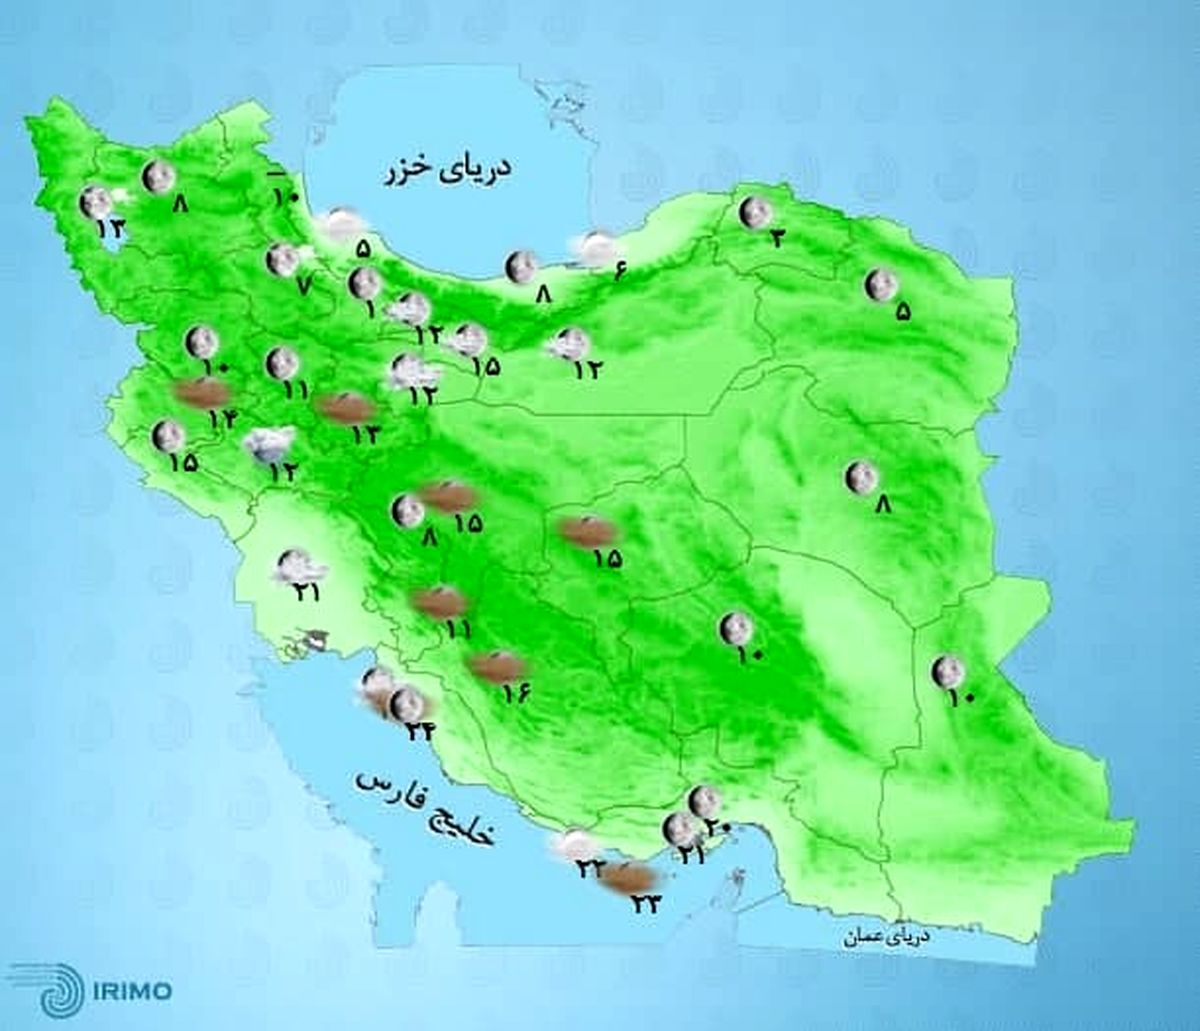 هوای کدام استان ها تا آخر هفته بارانی است؟